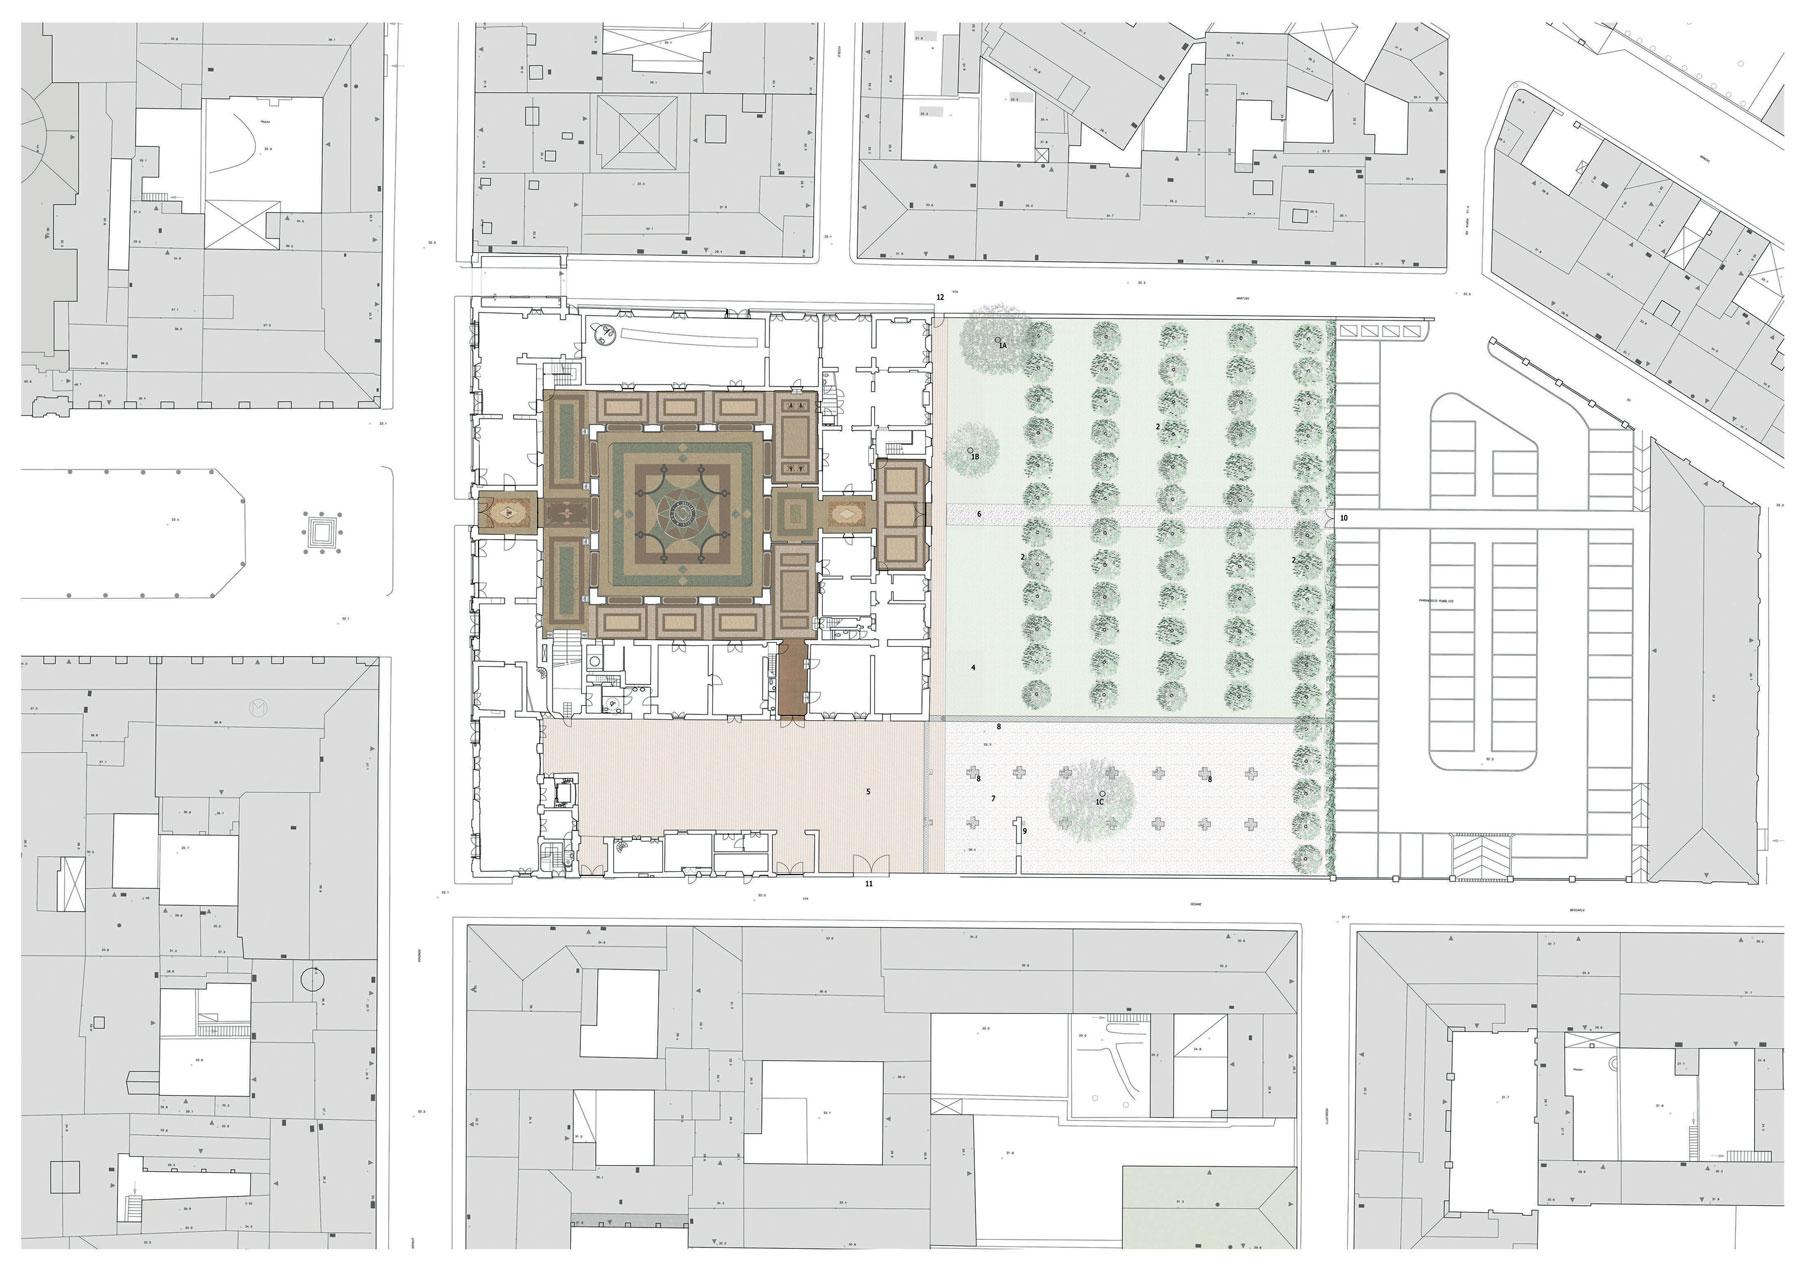 Planimetria localizzazione palazzo ducale Guastalla